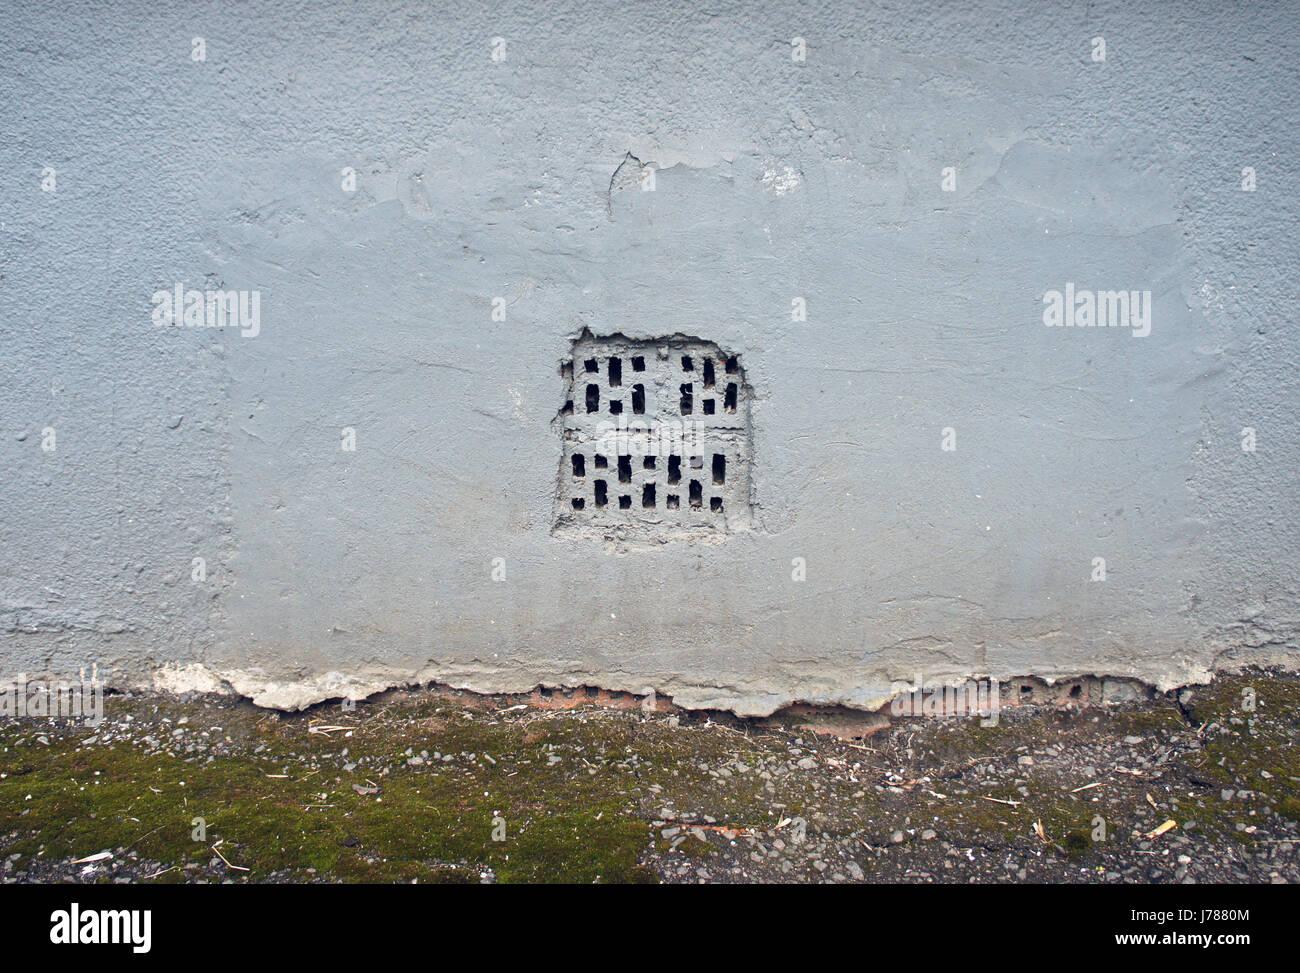 Fori tecnologico parete grigio chiaro parete di calcestruzzo foto